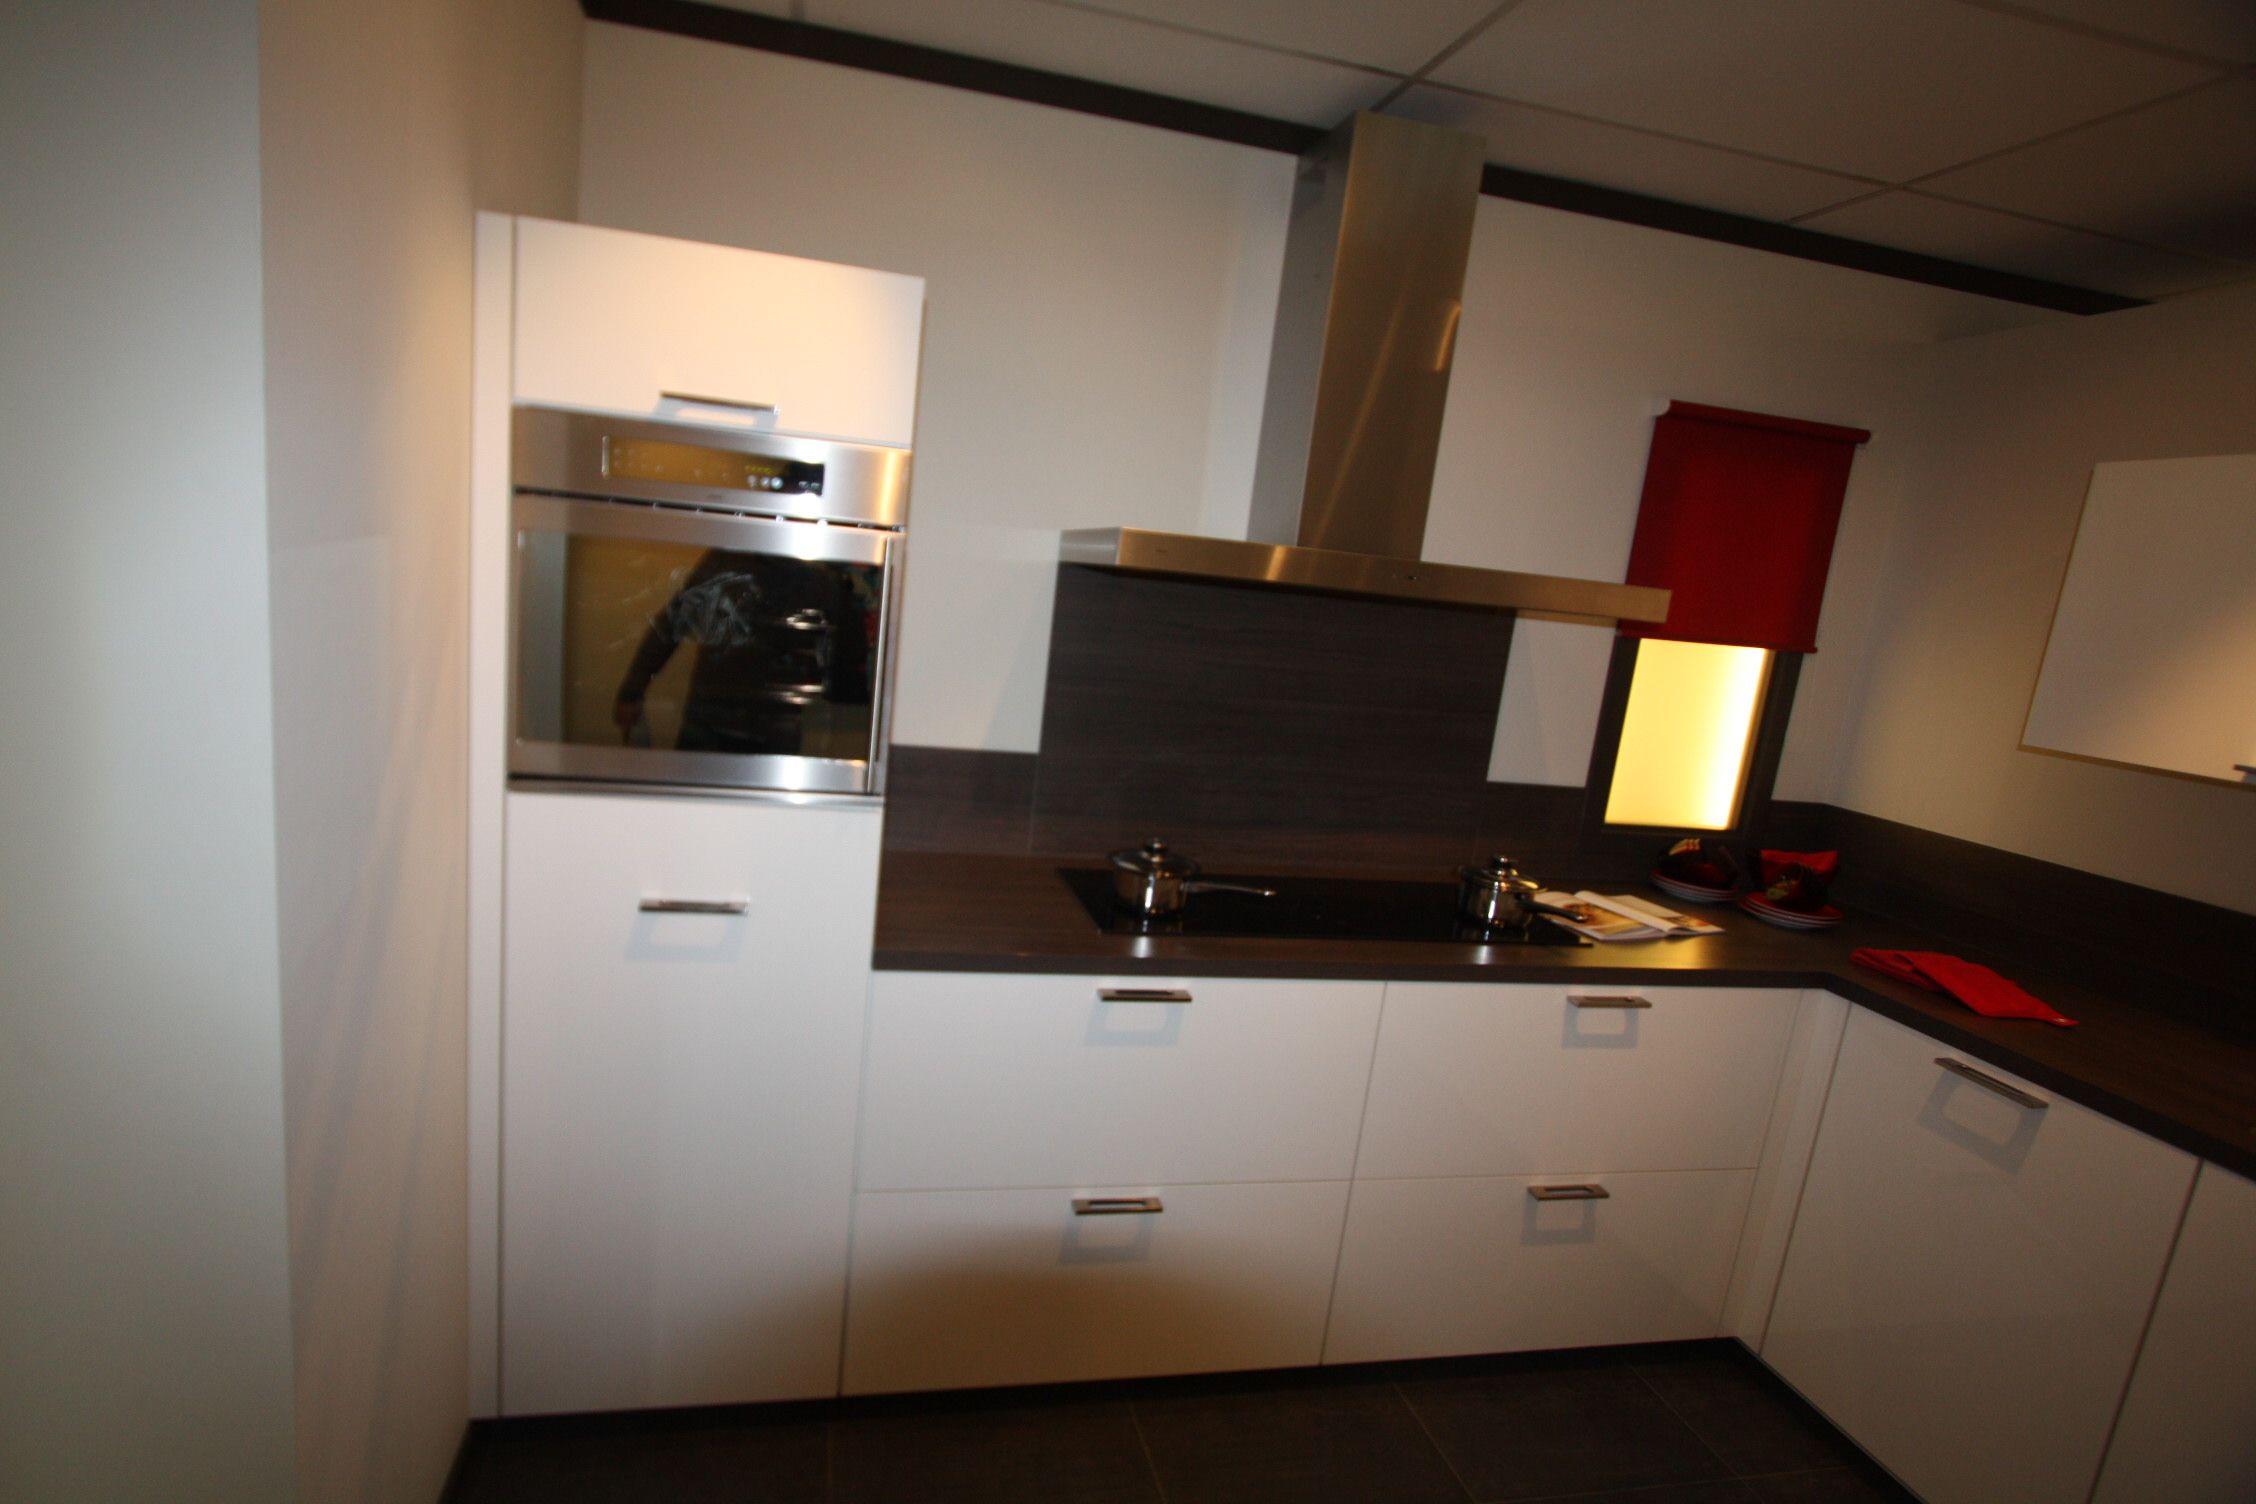 De voordeligste woonwinkel van nederland schmidt 21786 - De keukens schmidt ...